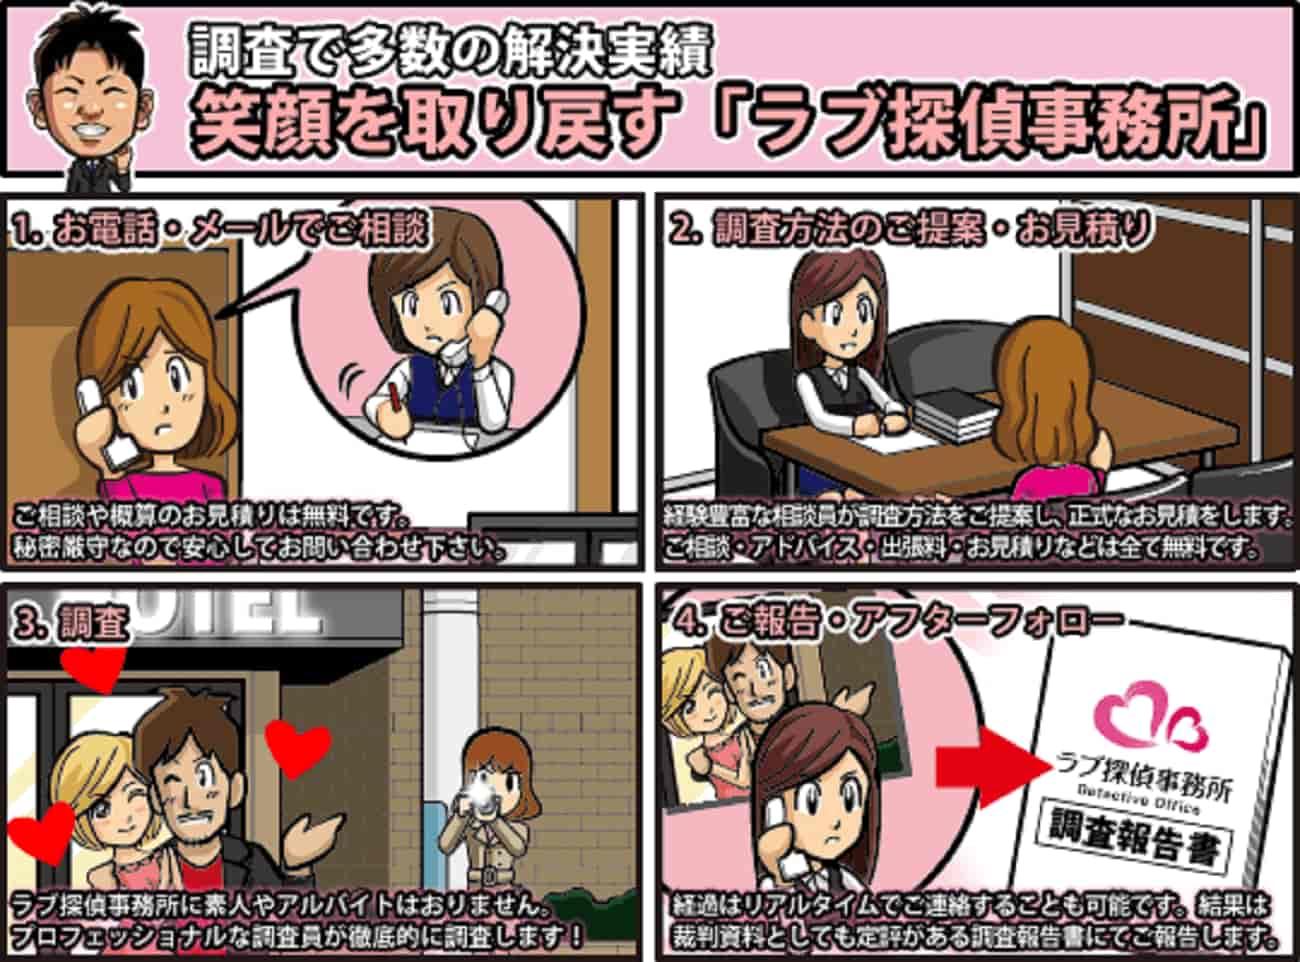 ラブ探偵事務所は千葉県佐倉市の相談お見積り無料